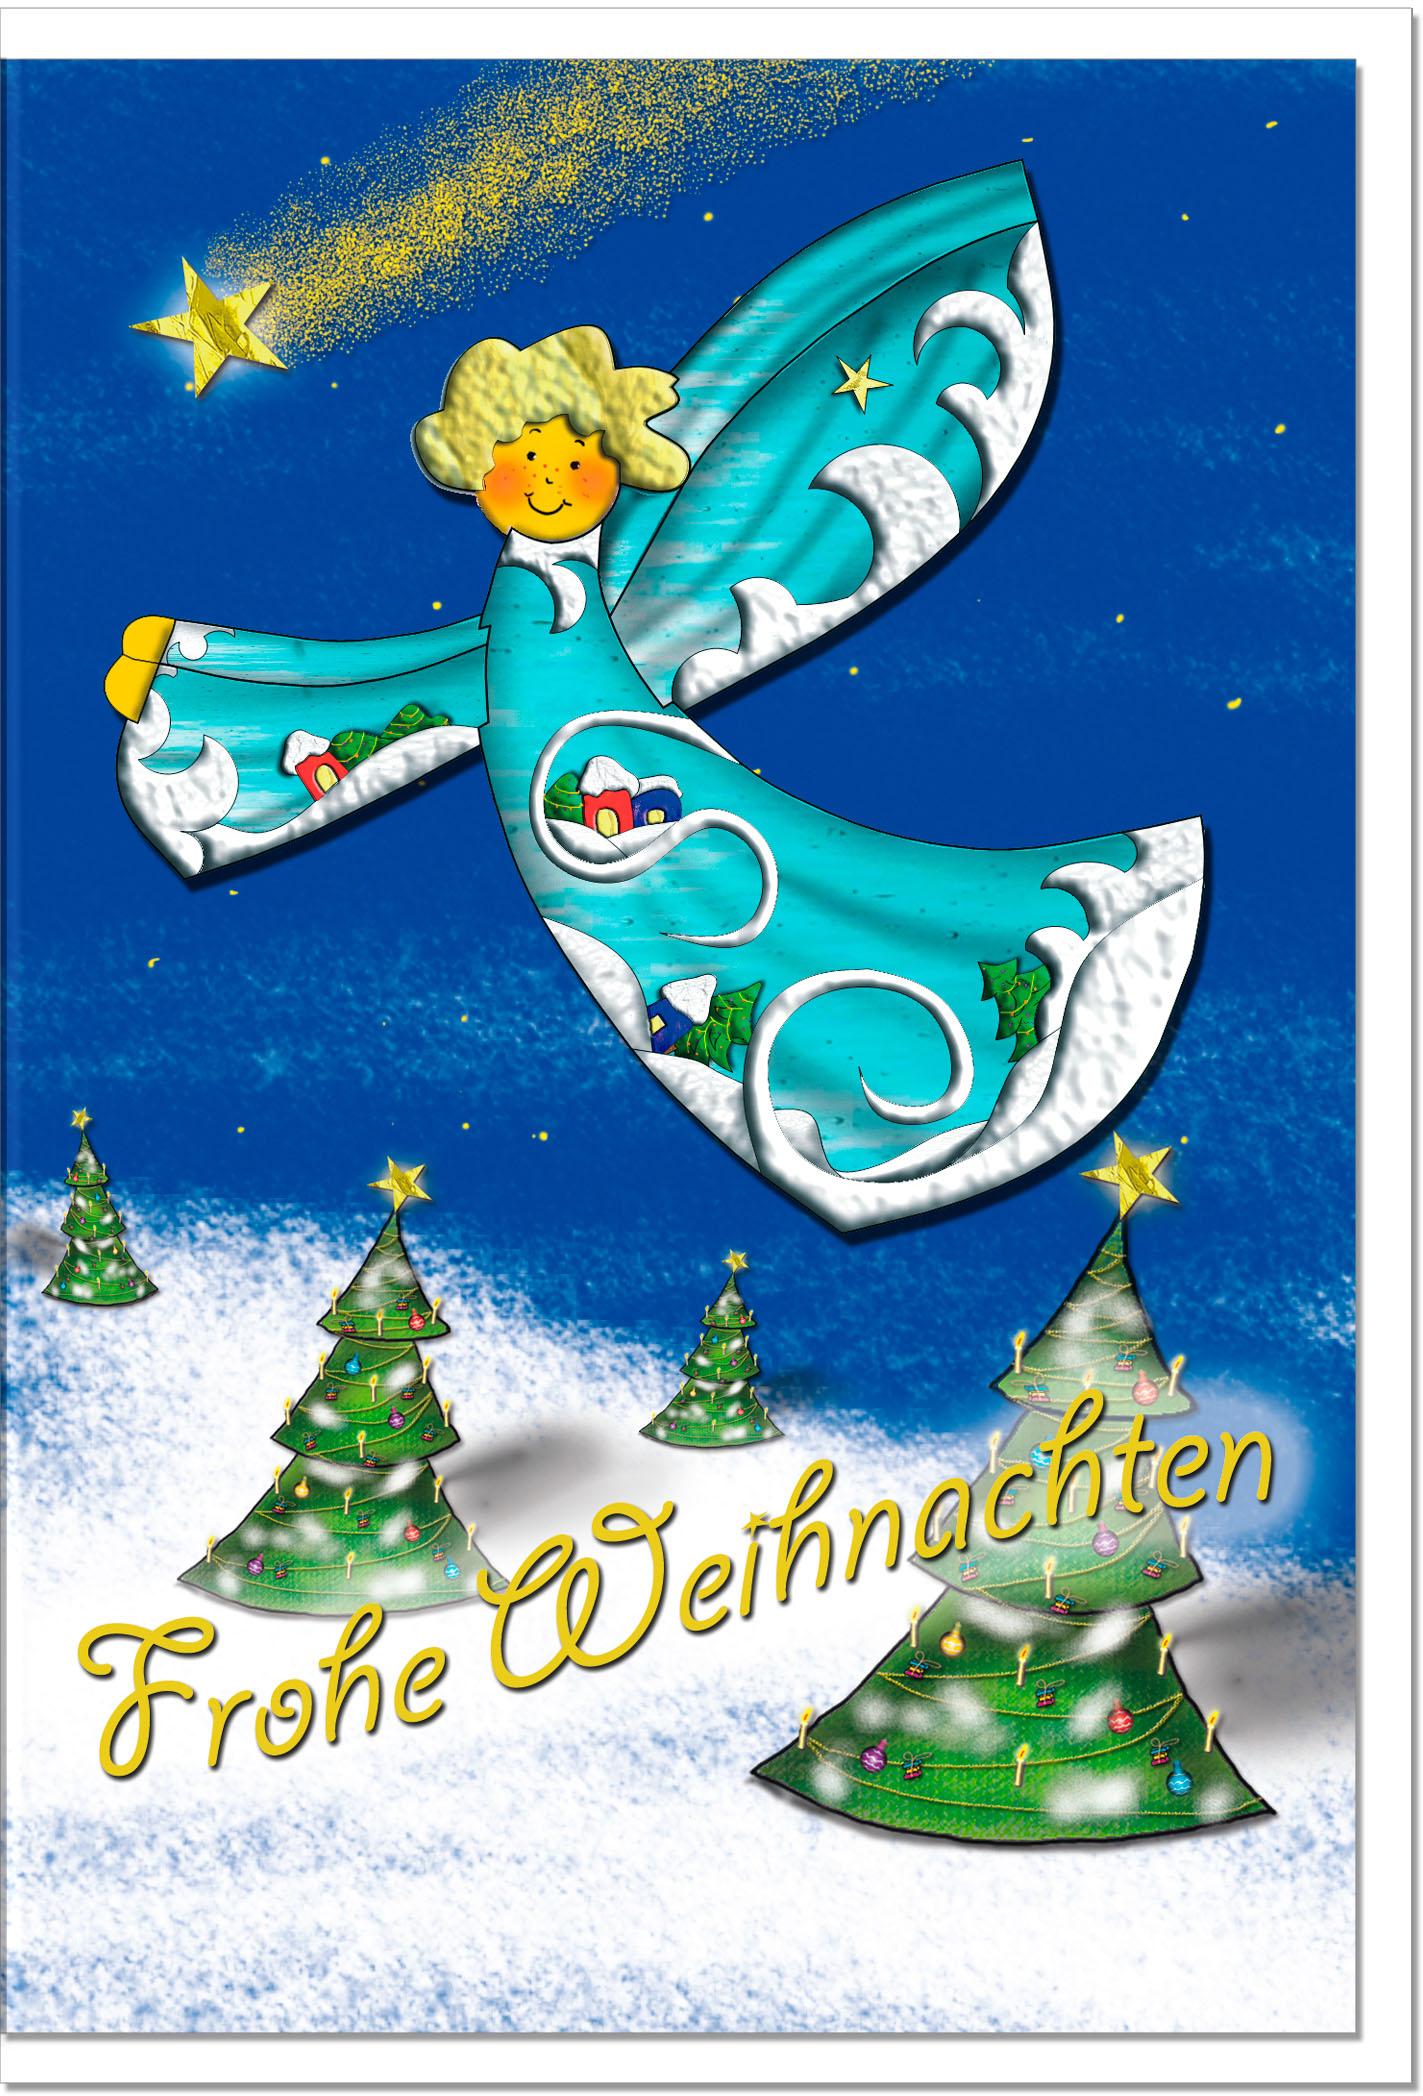 Bilder Weihnachtskarten.Weihnachtskarten Grußkarten Weihnachten Engel